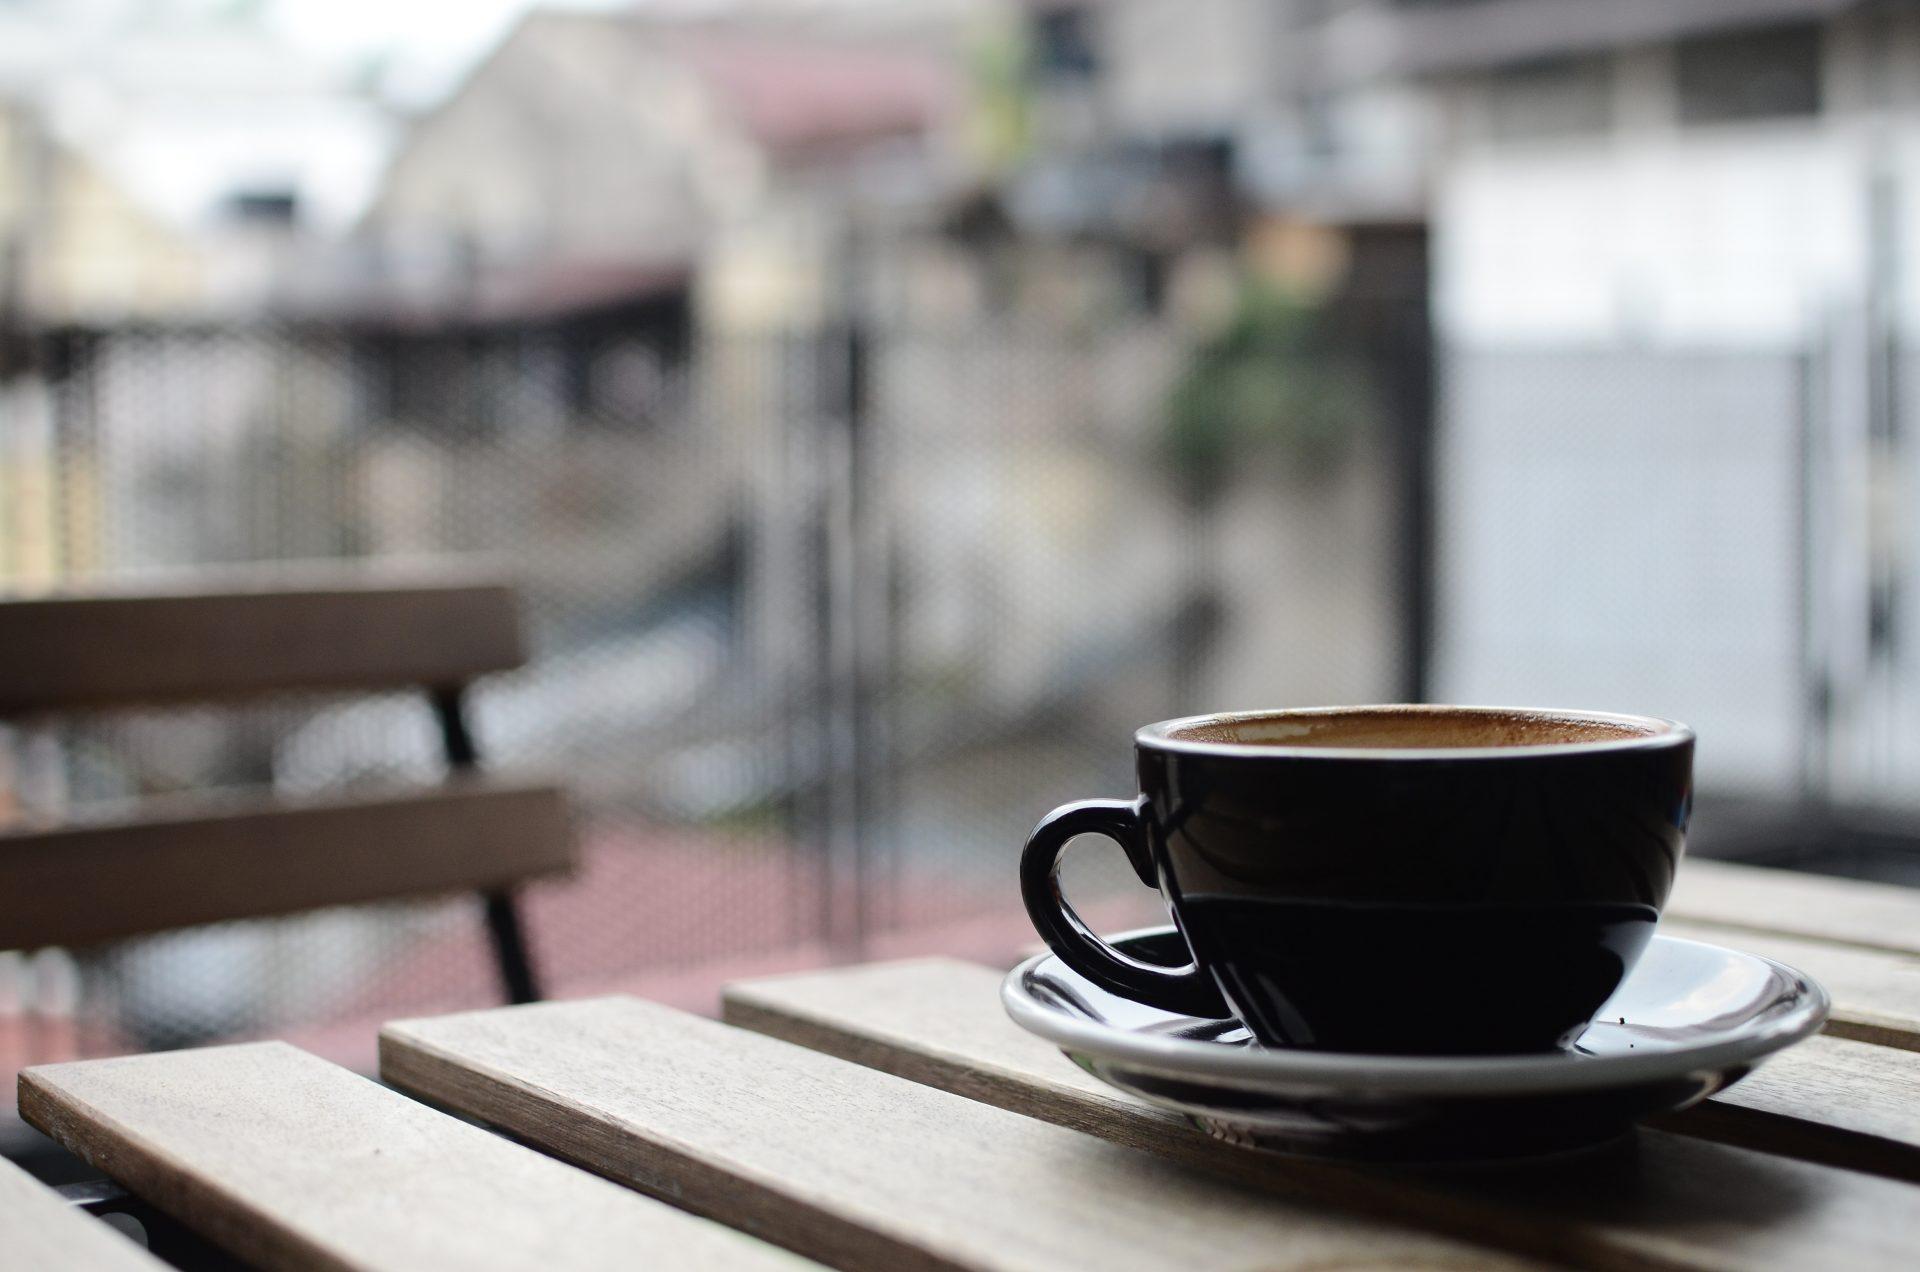 朝活、浅草、モーニング。 〜浅草カフェで朝食を〜